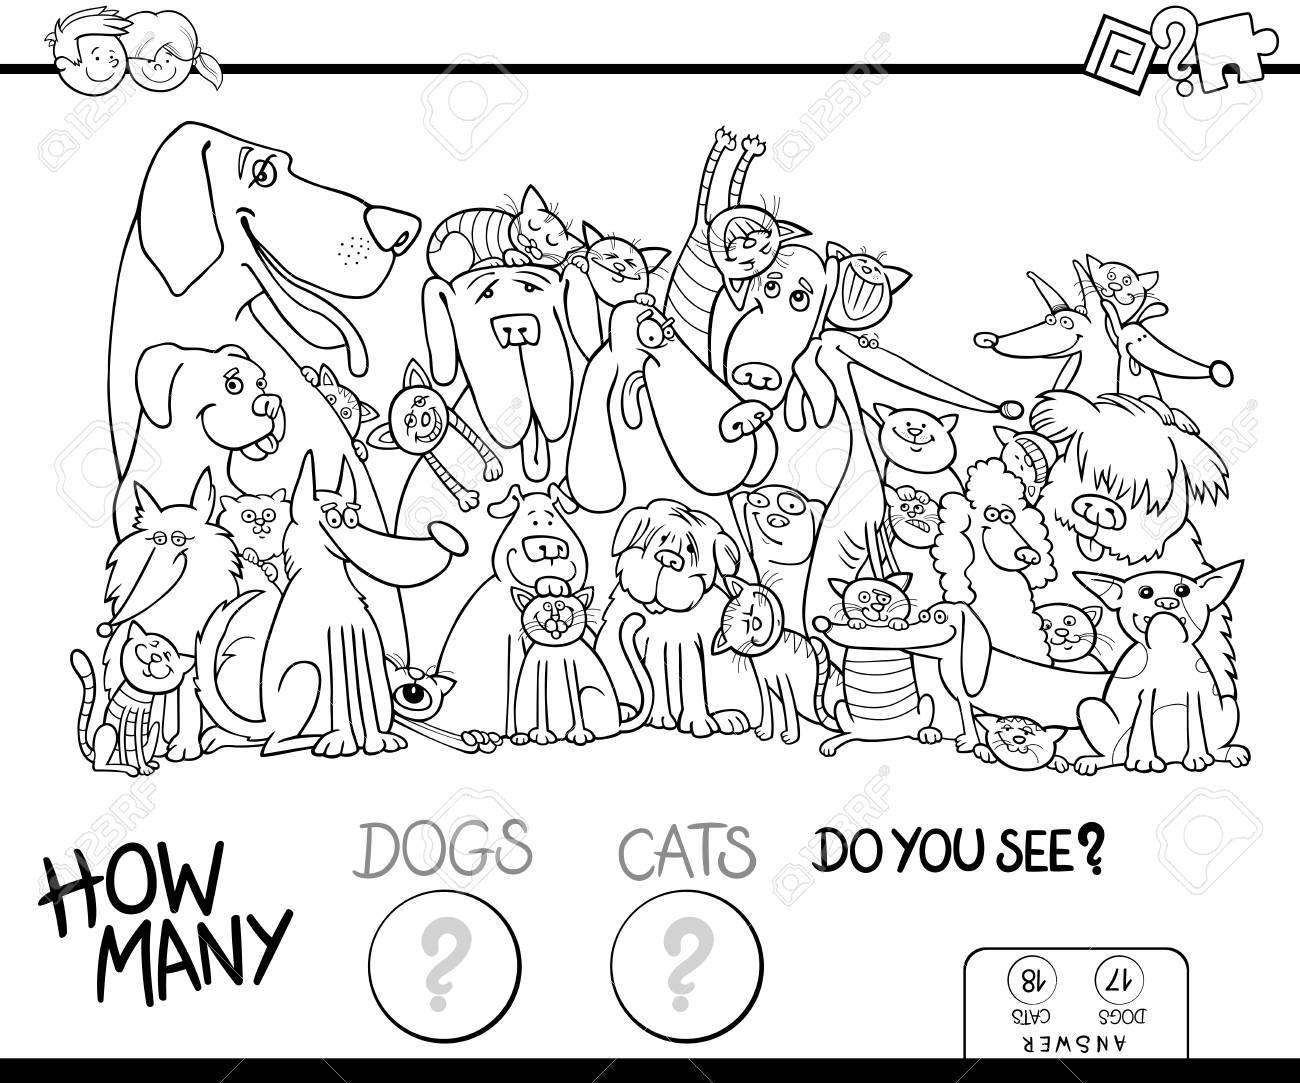 犬や猫の動物キャラクターの塗り絵を子供のカウントの教育ゲームの黒と白